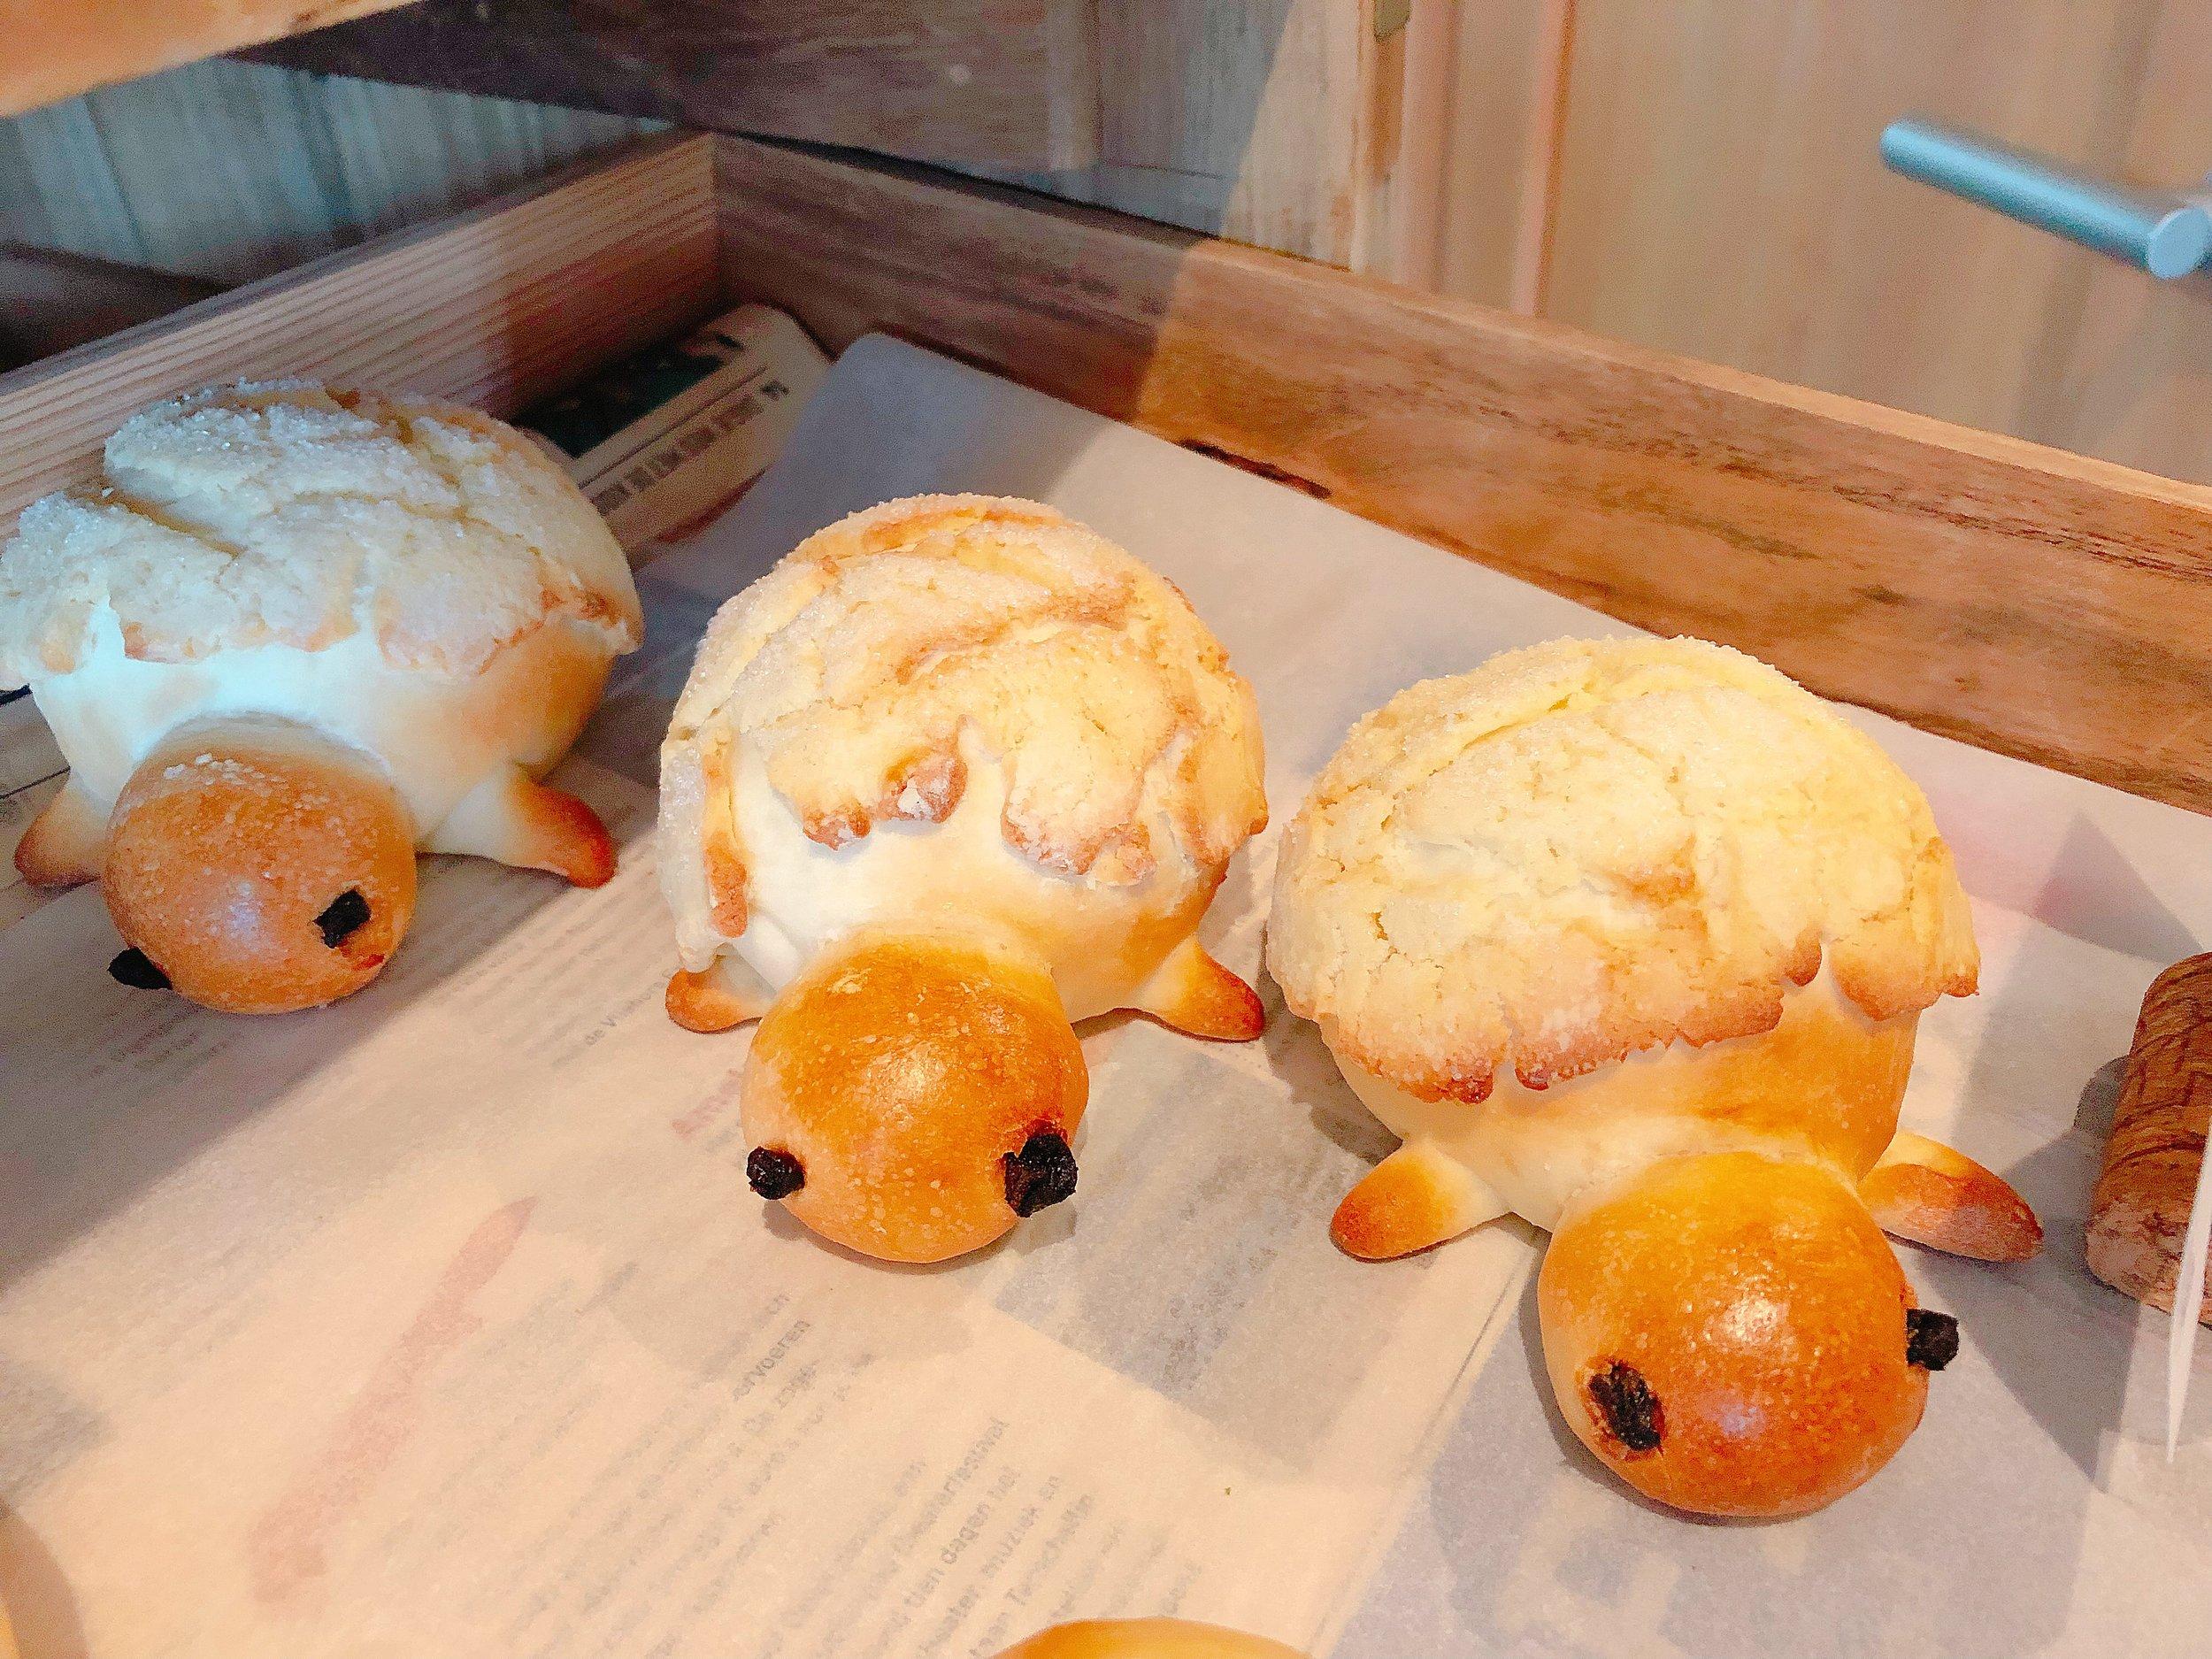 かふぇすみよしのパン